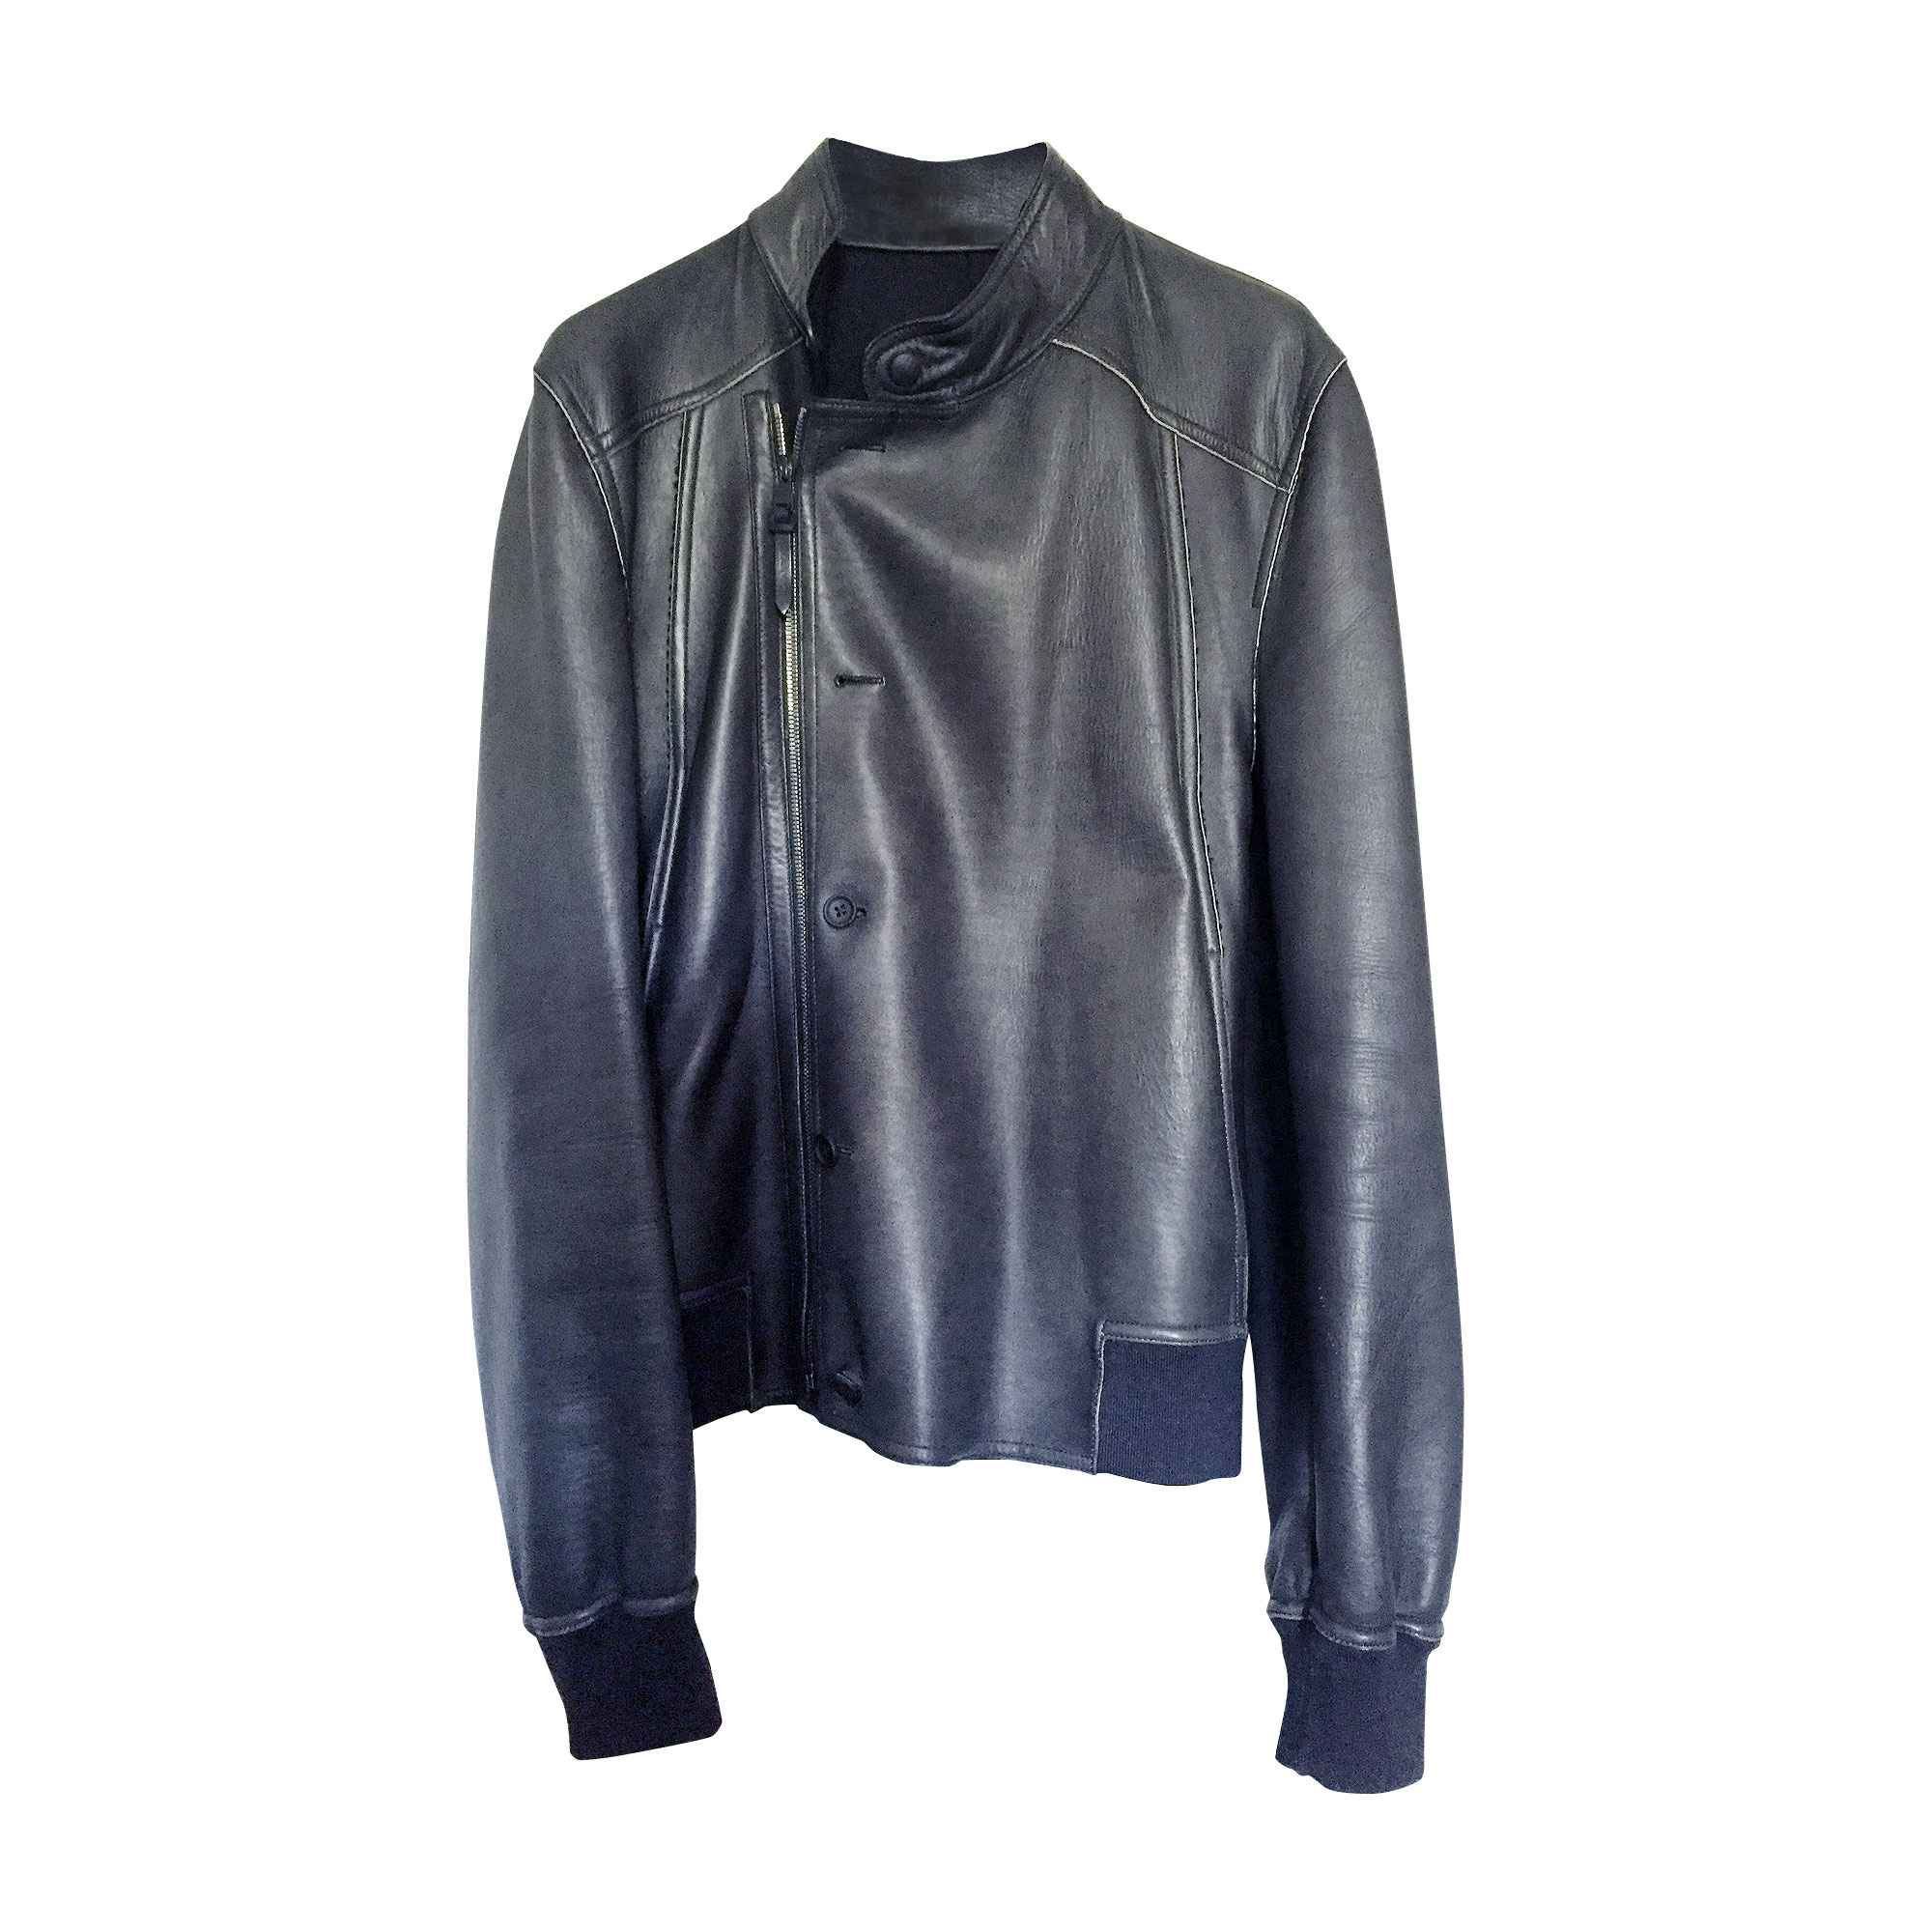 leather jacket louis vuitton 48 m black 5040960